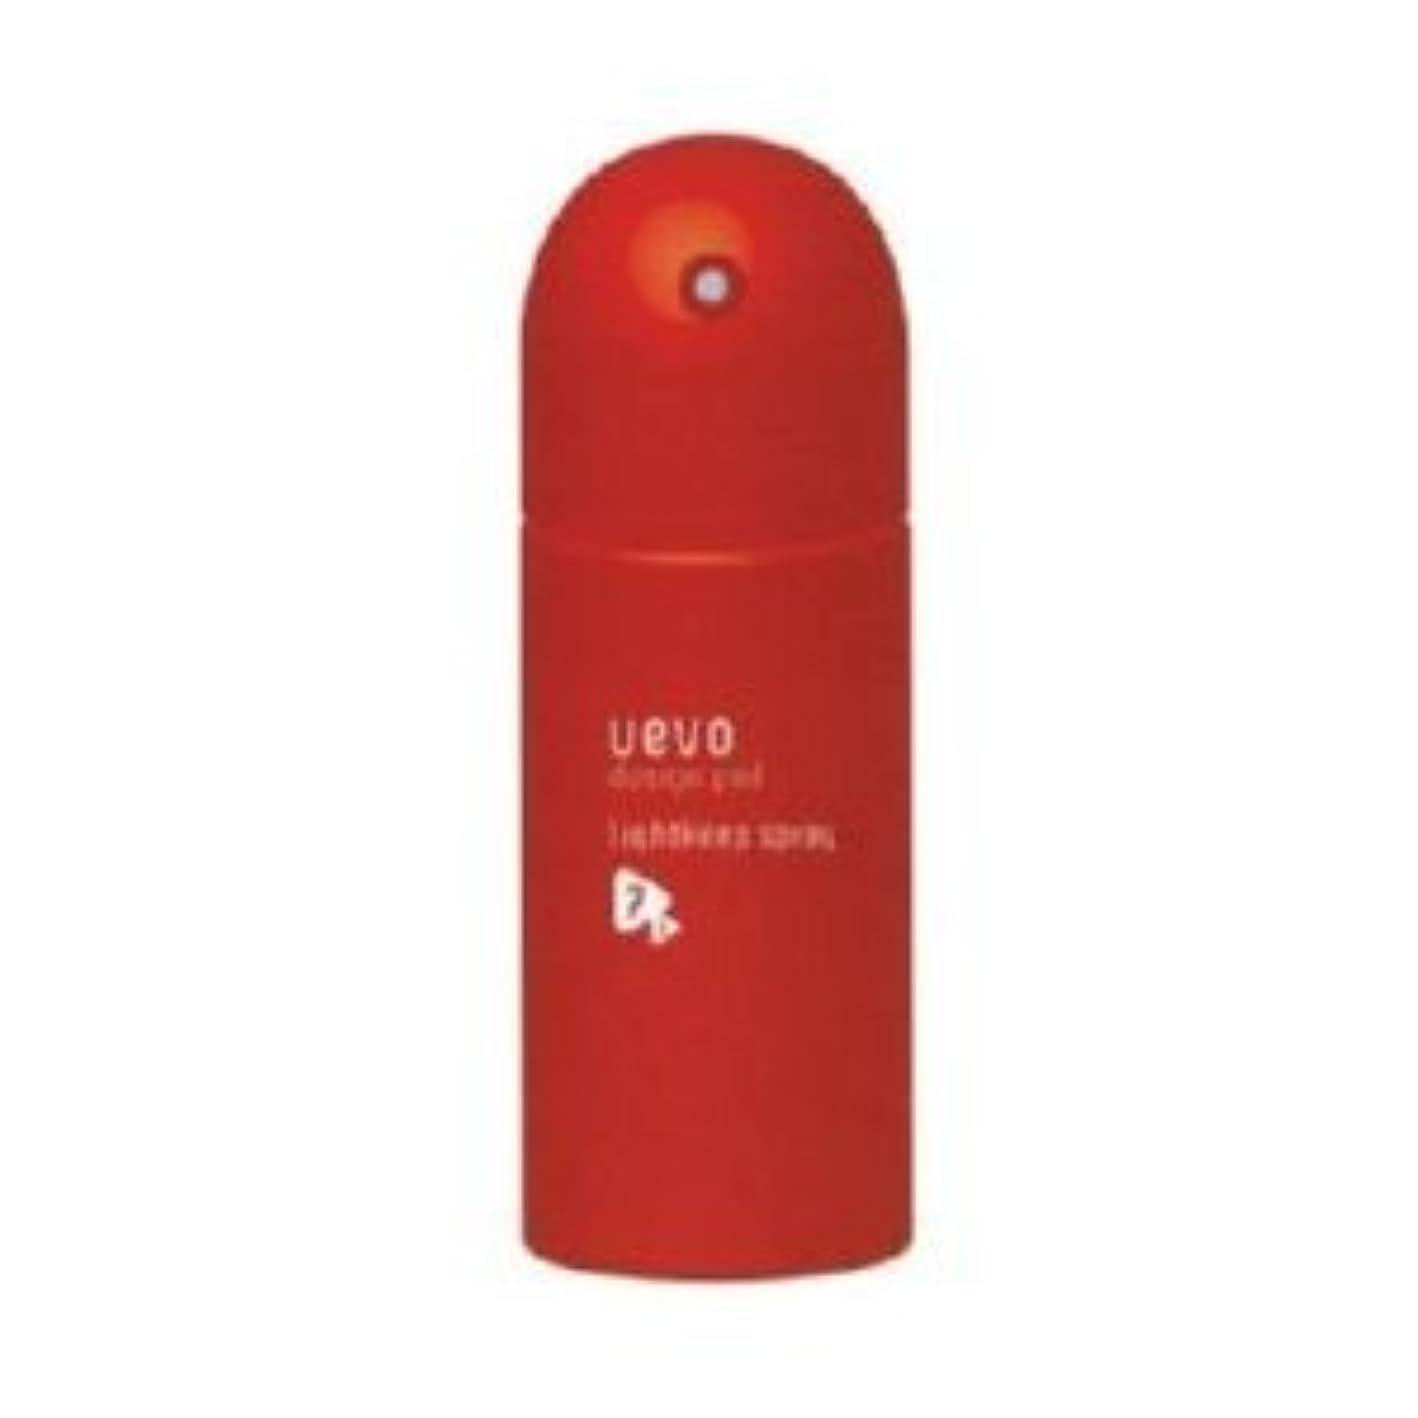 協会囲む年金受給者【X5個セット】 デミ ウェーボ デザインポッド ライトキープスプレー 220ml lightkeep spray DEMI uevo design pod